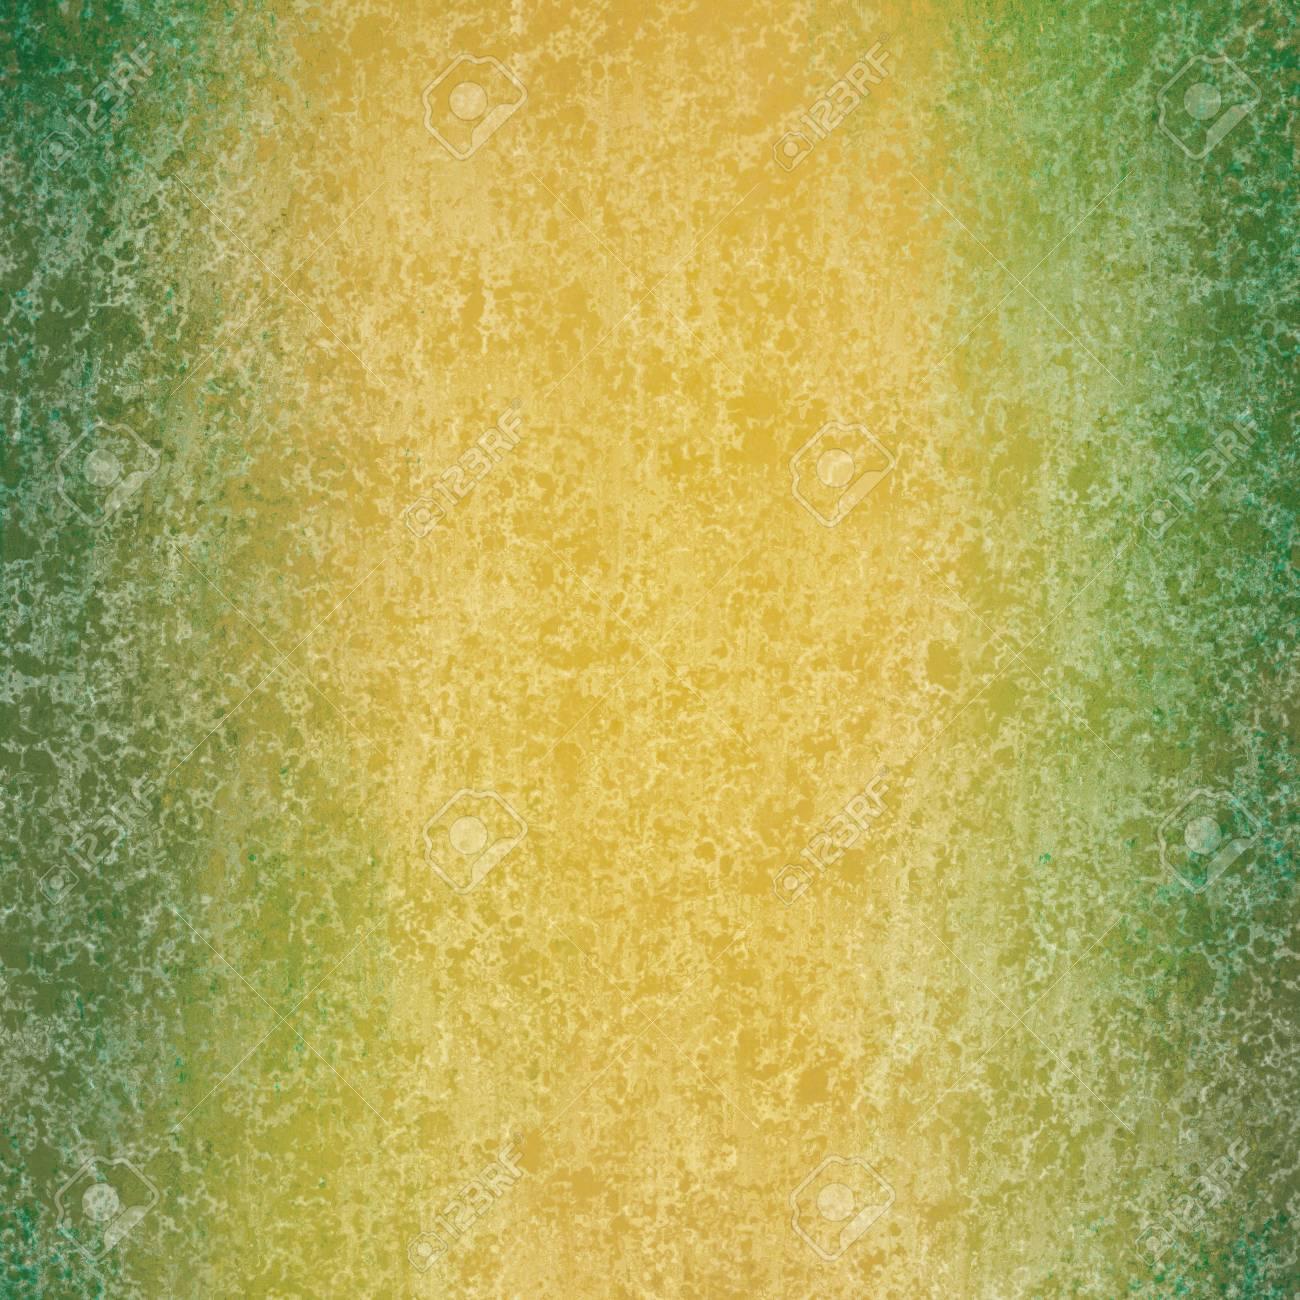 Abstrakt Grün Und Gold Hintergrund Mit Strukturierten Weißen Schwamm ...